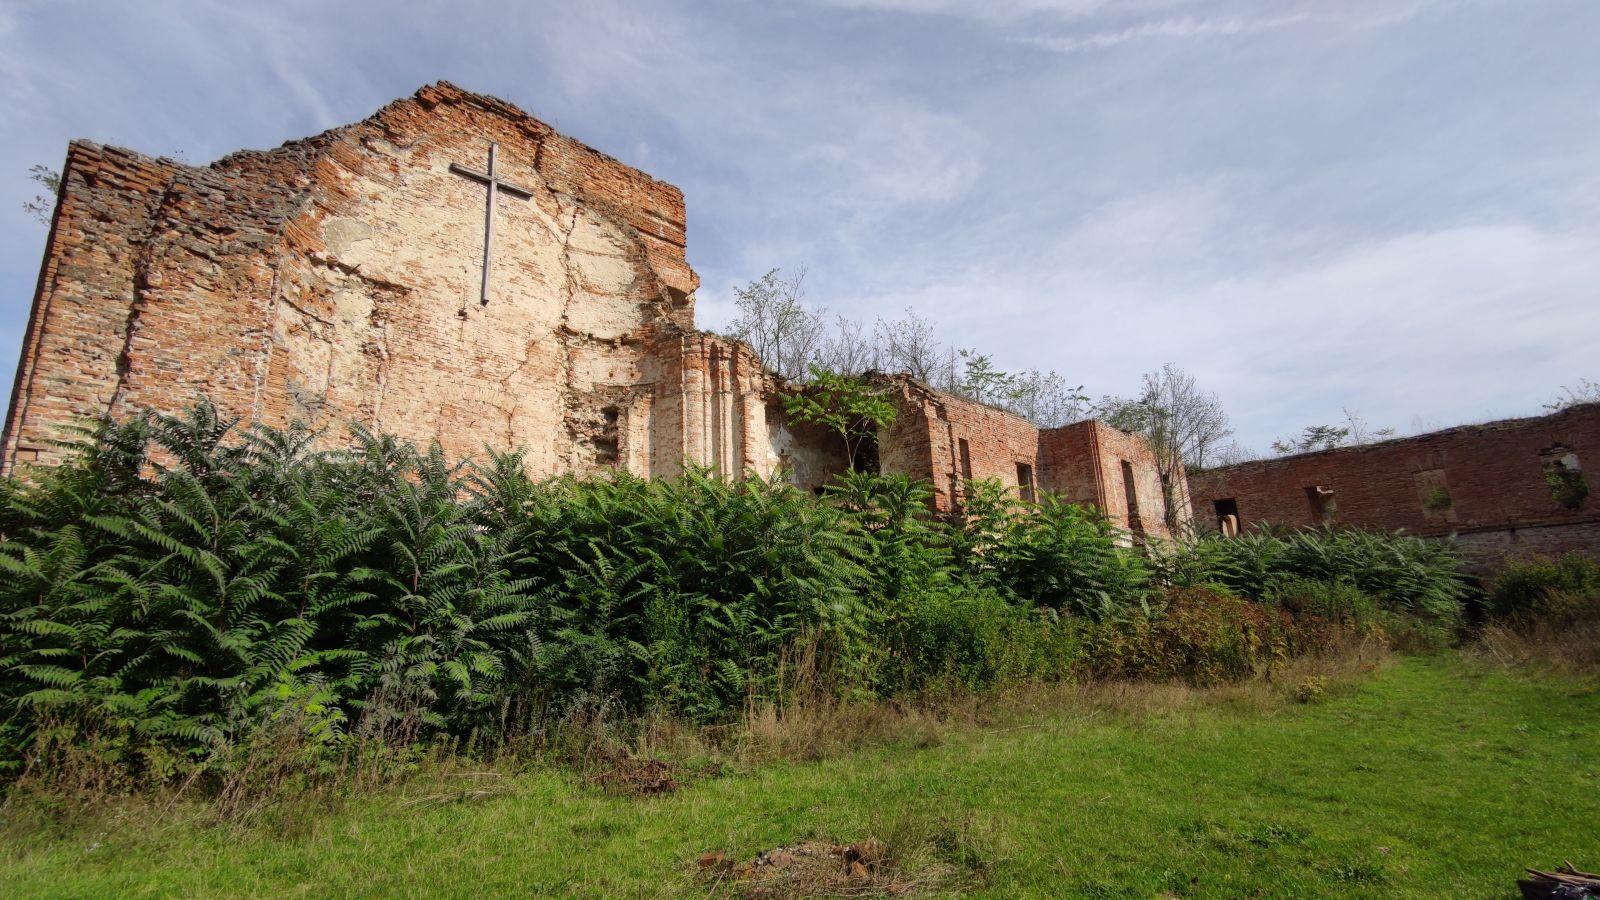 Mariánska Čelaď je považovaná za najstrašidelnejšie mesto na Slovensku: Vybrali sme sa do ruín opusteného kláštora uprostred noci.